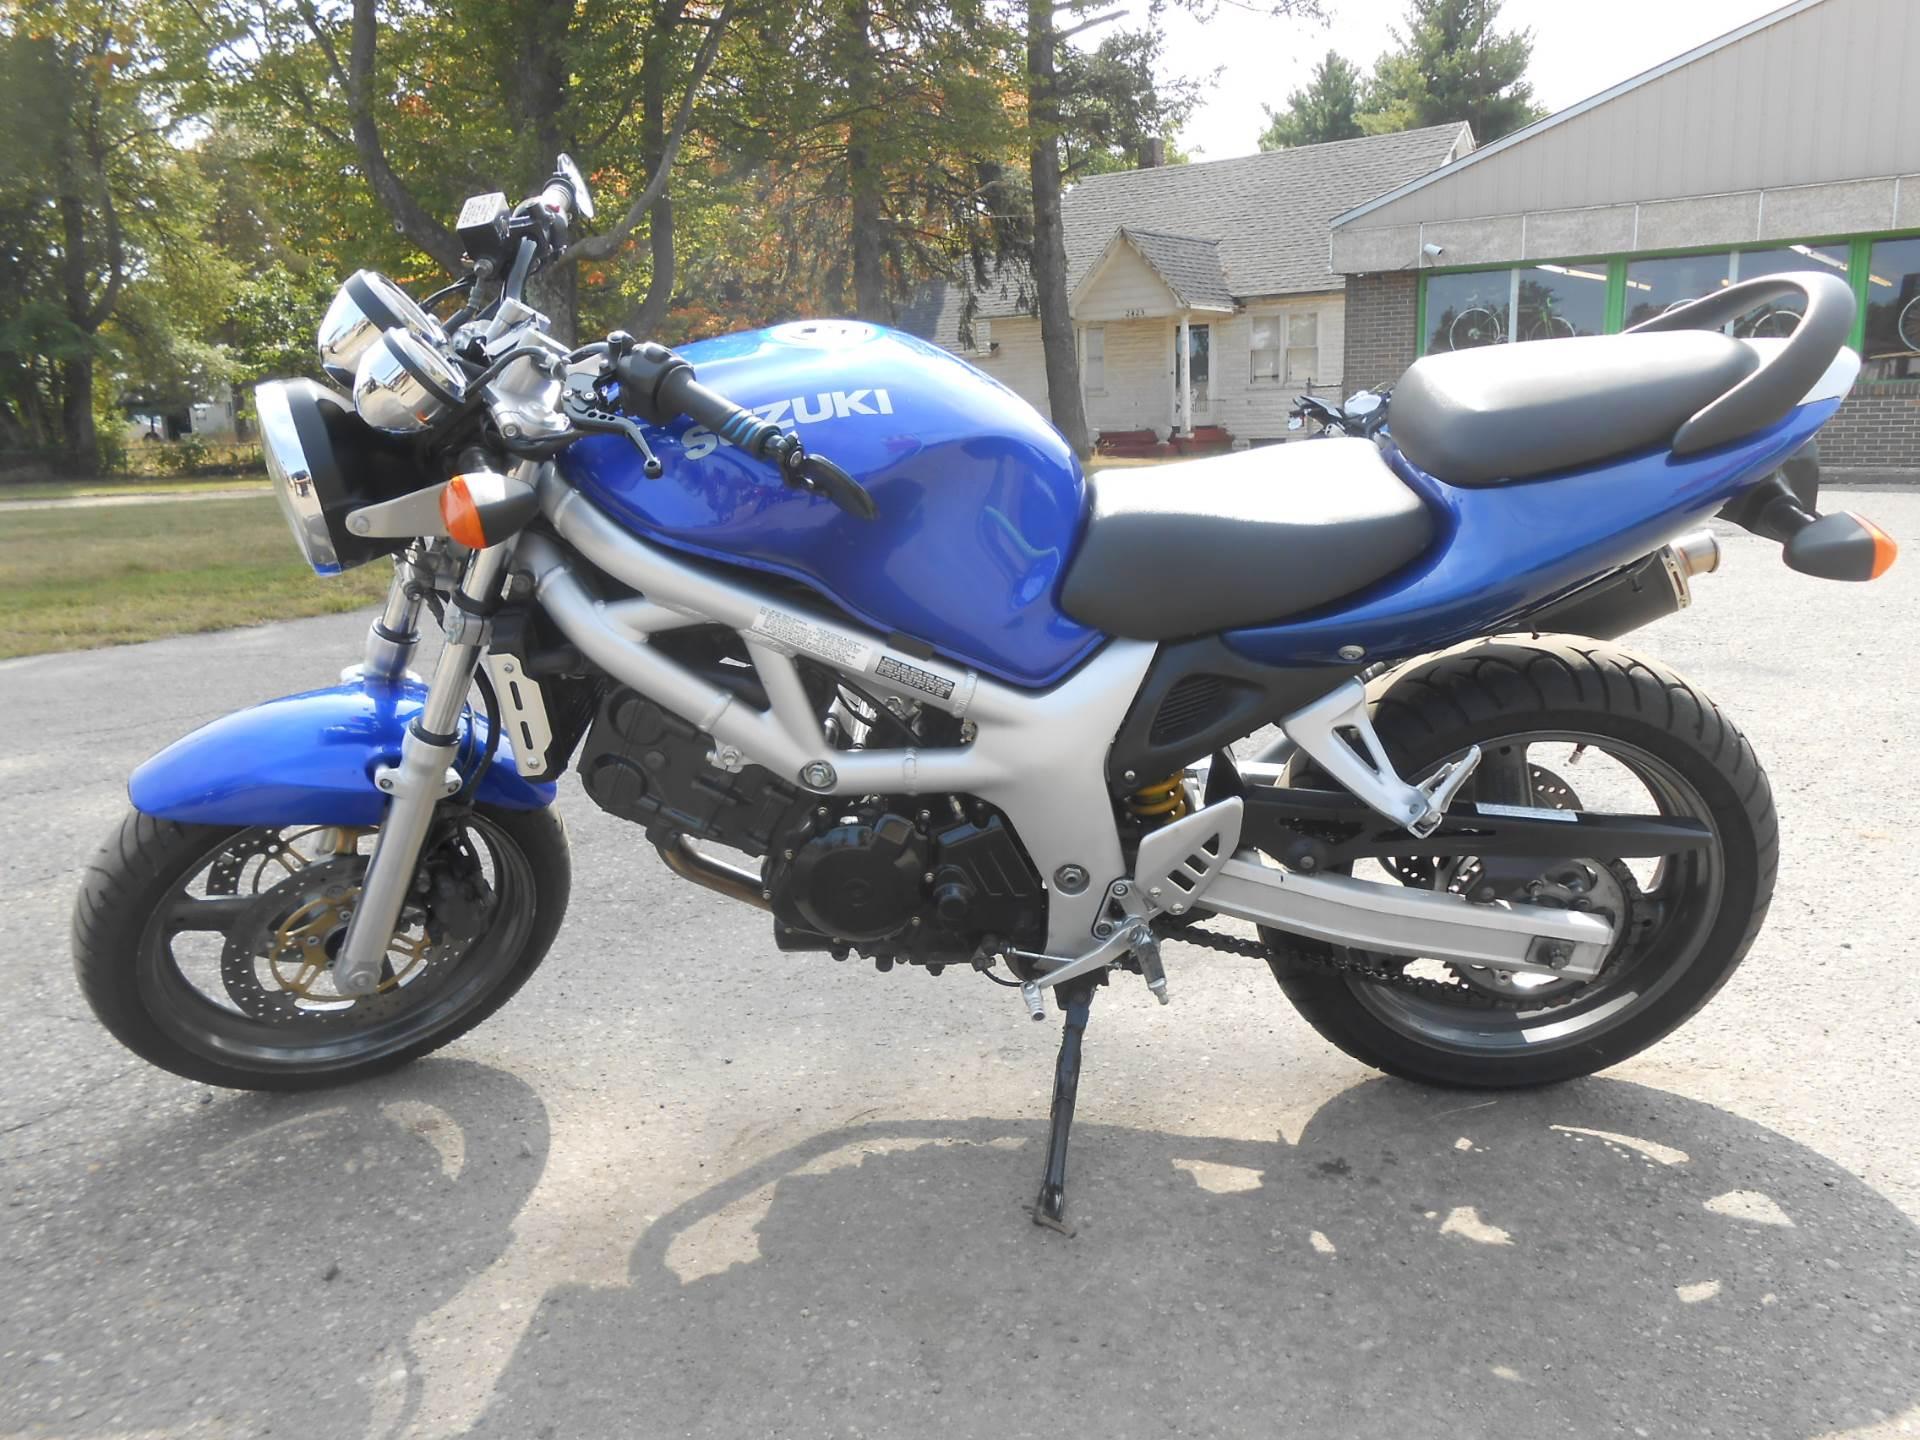 2000 Suzuki SV650 for sale 70400